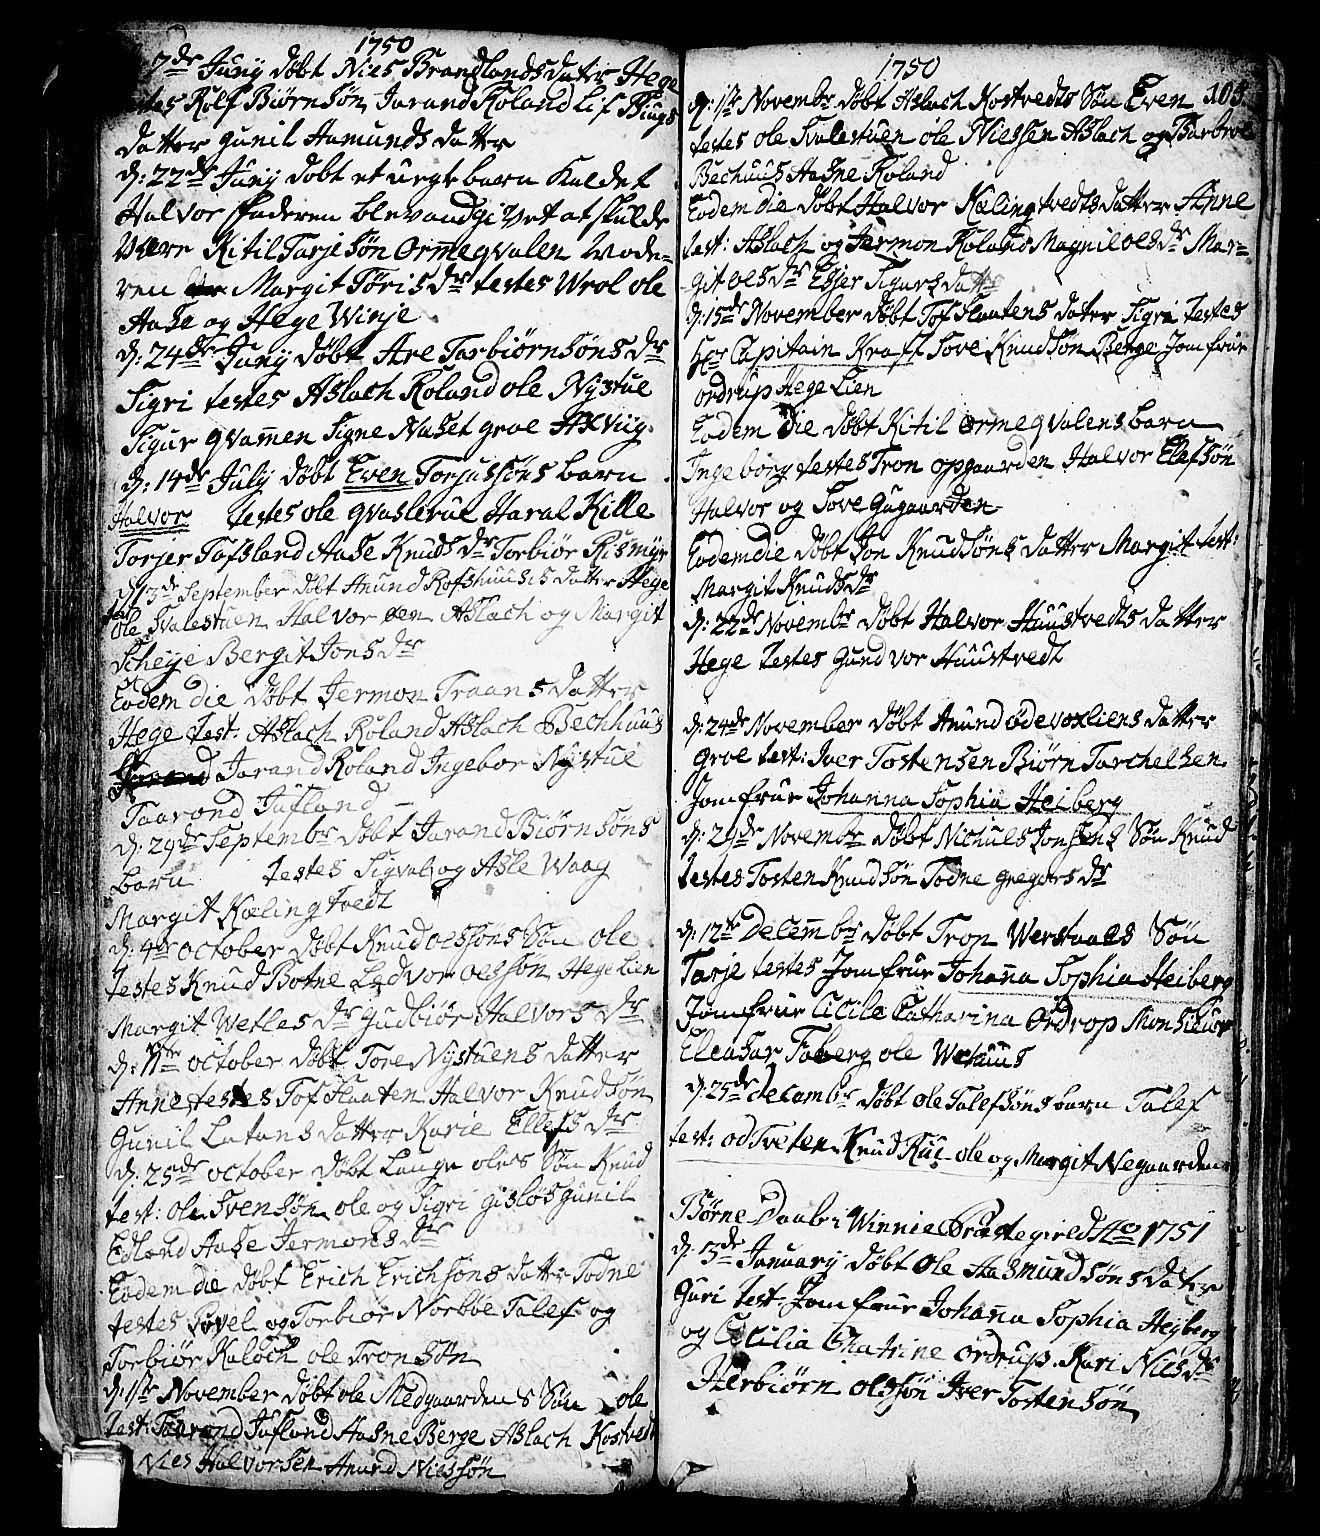 SAKO, Vinje kirkebøker, F/Fa/L0001: Ministerialbok nr. I 1, 1717-1766, s. 105